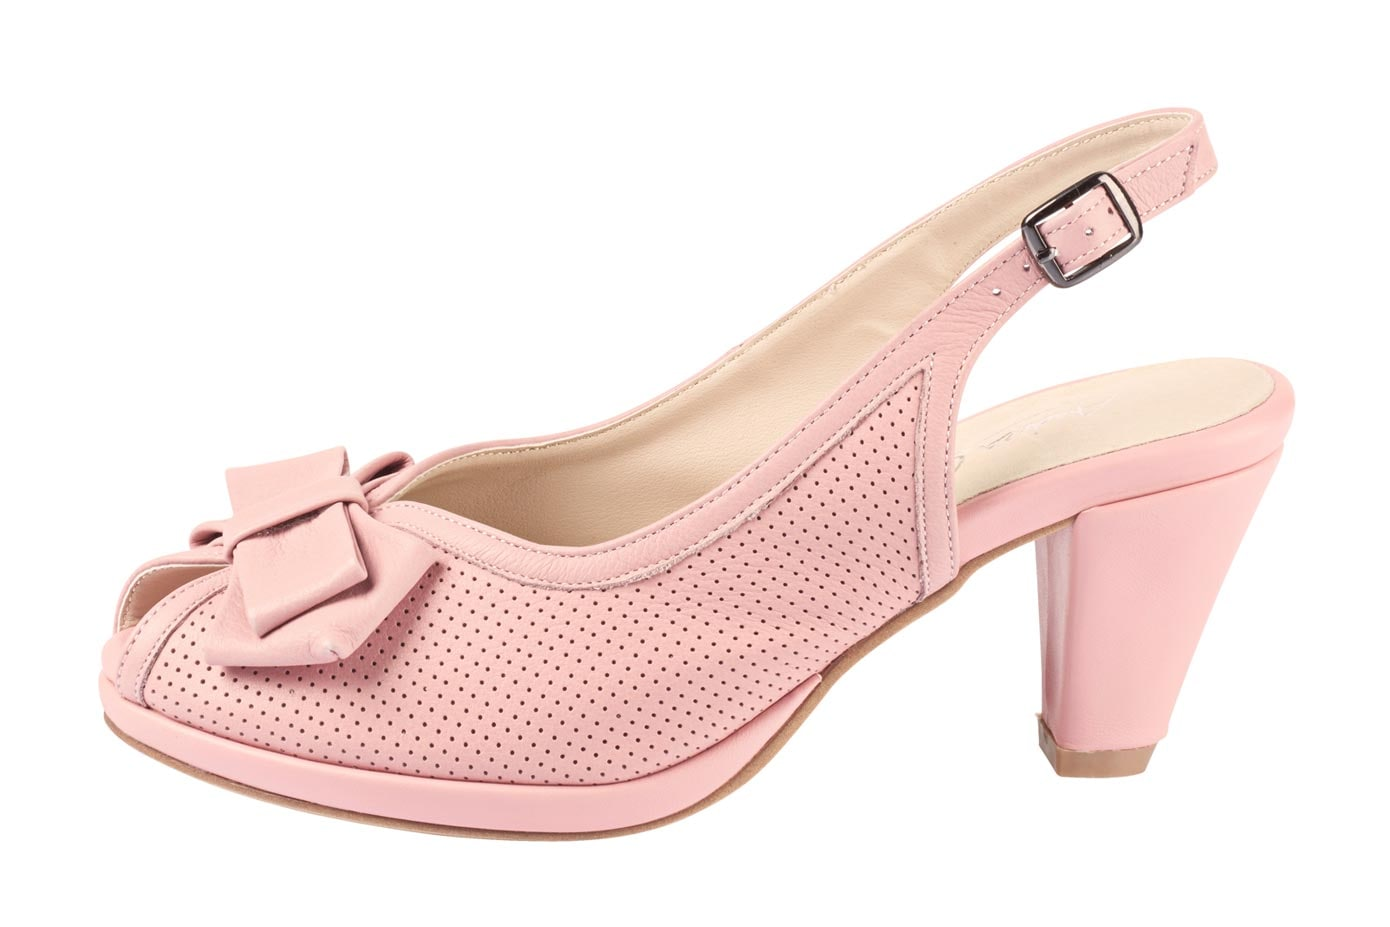 Sandalette rosa Damen Sandaletten Sandalen